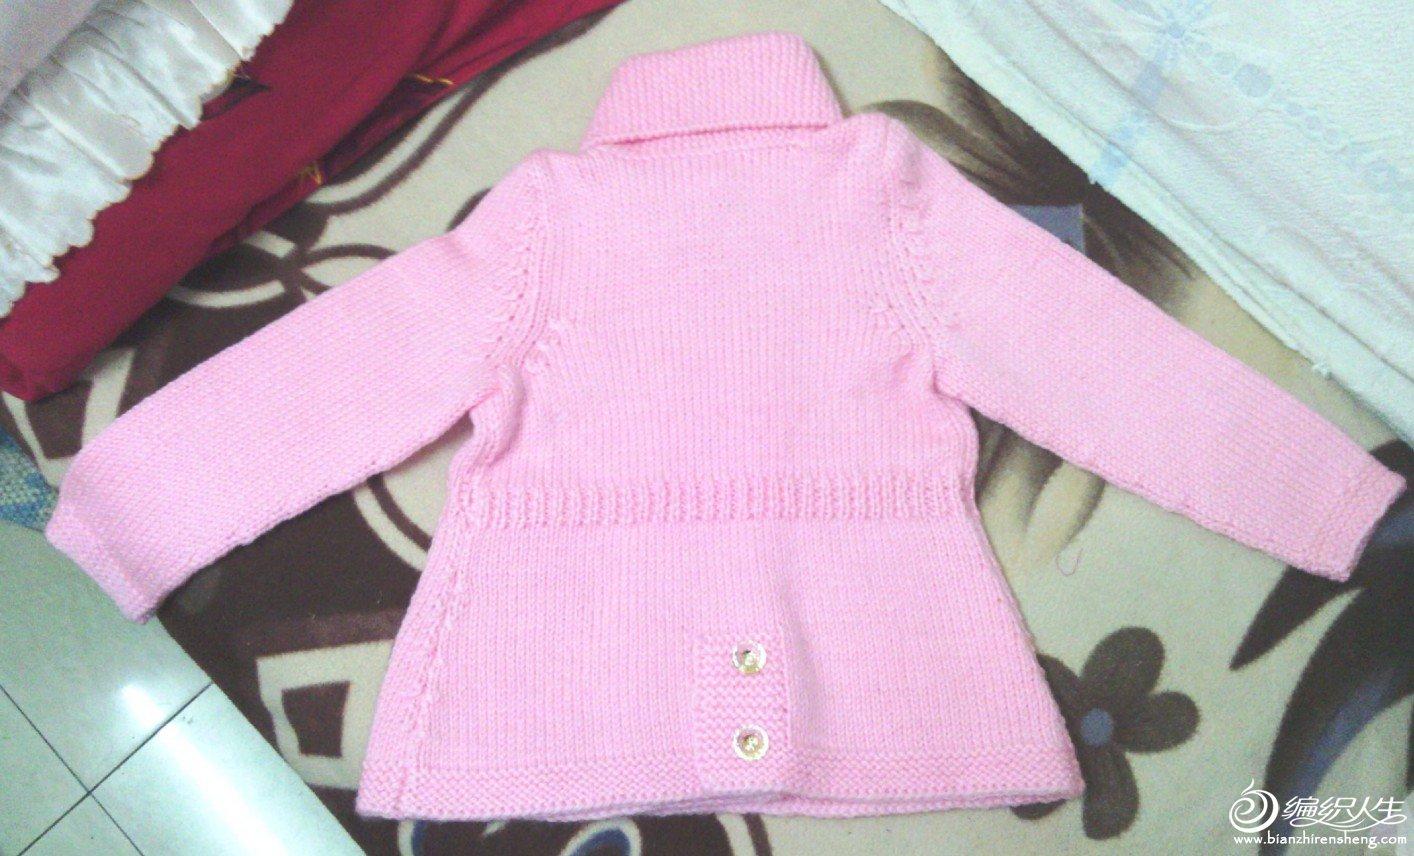 粉红色大衣,后面下摆的钮扣装饰是亮点